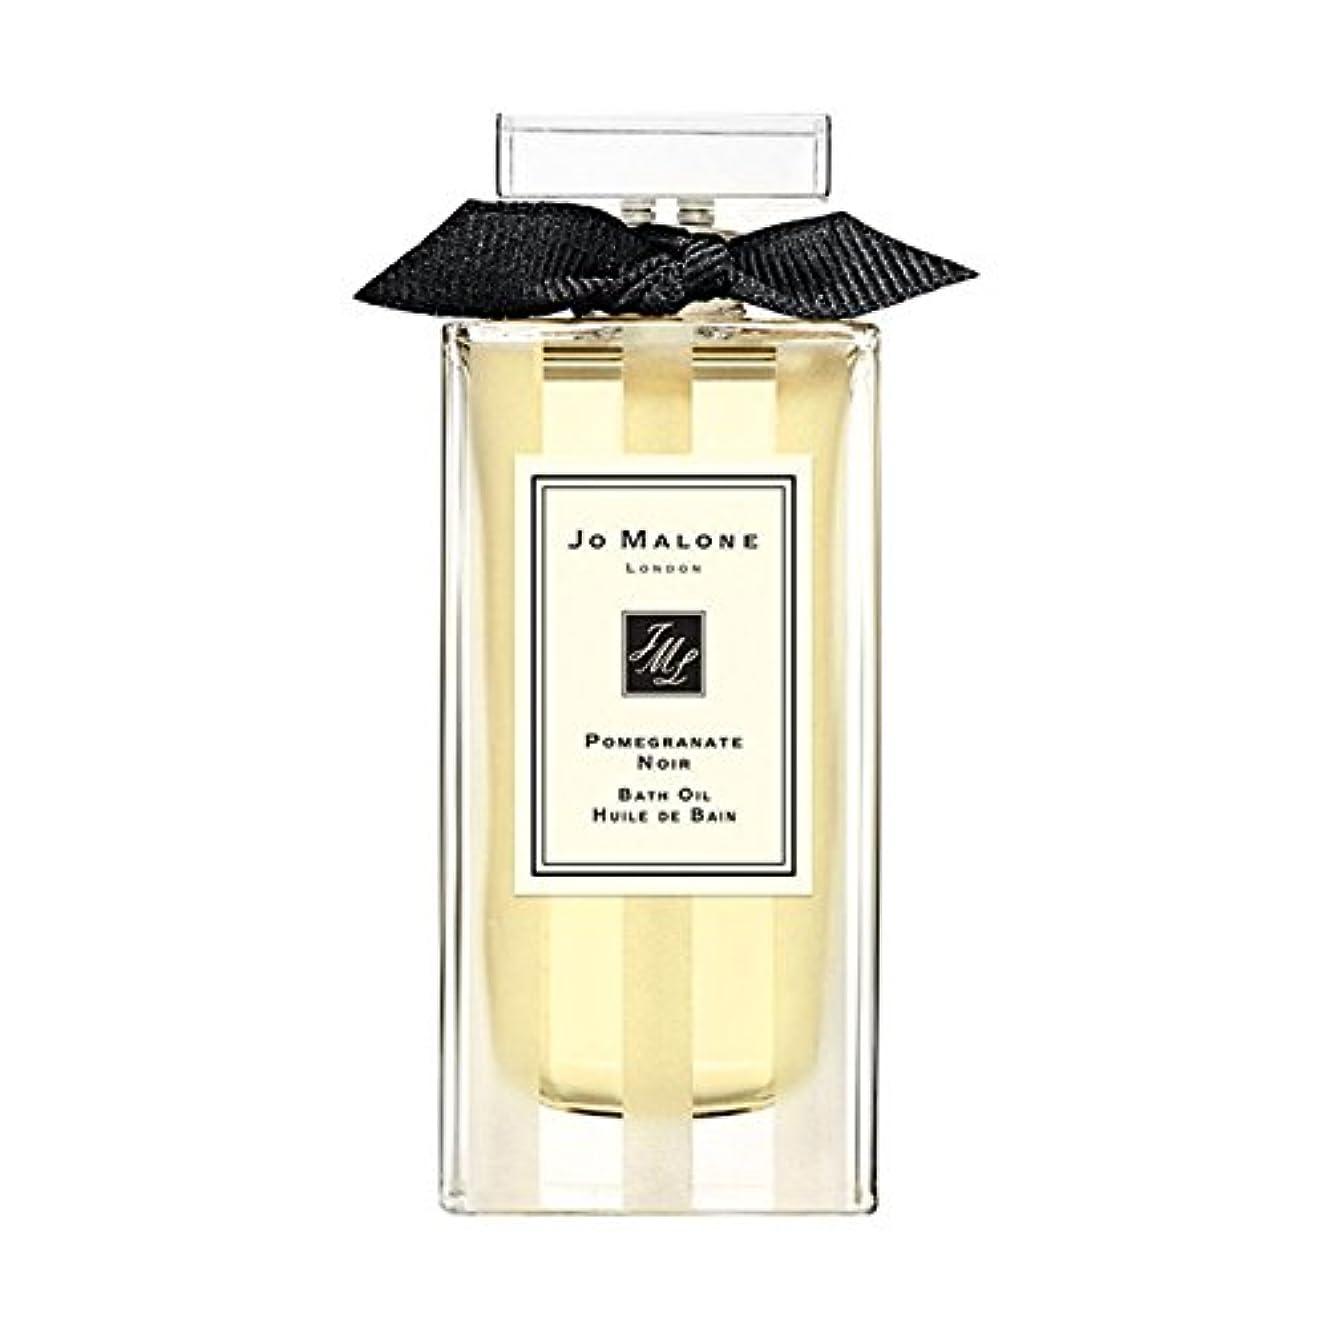 絶え間ない請求書骨髄Jo Malone ジョーマローン, バスオイル -ザクロ?ノワール (30ml),'Pomegranate Noir' Bath Oil (1oz) [海外直送品] [並行輸入品]